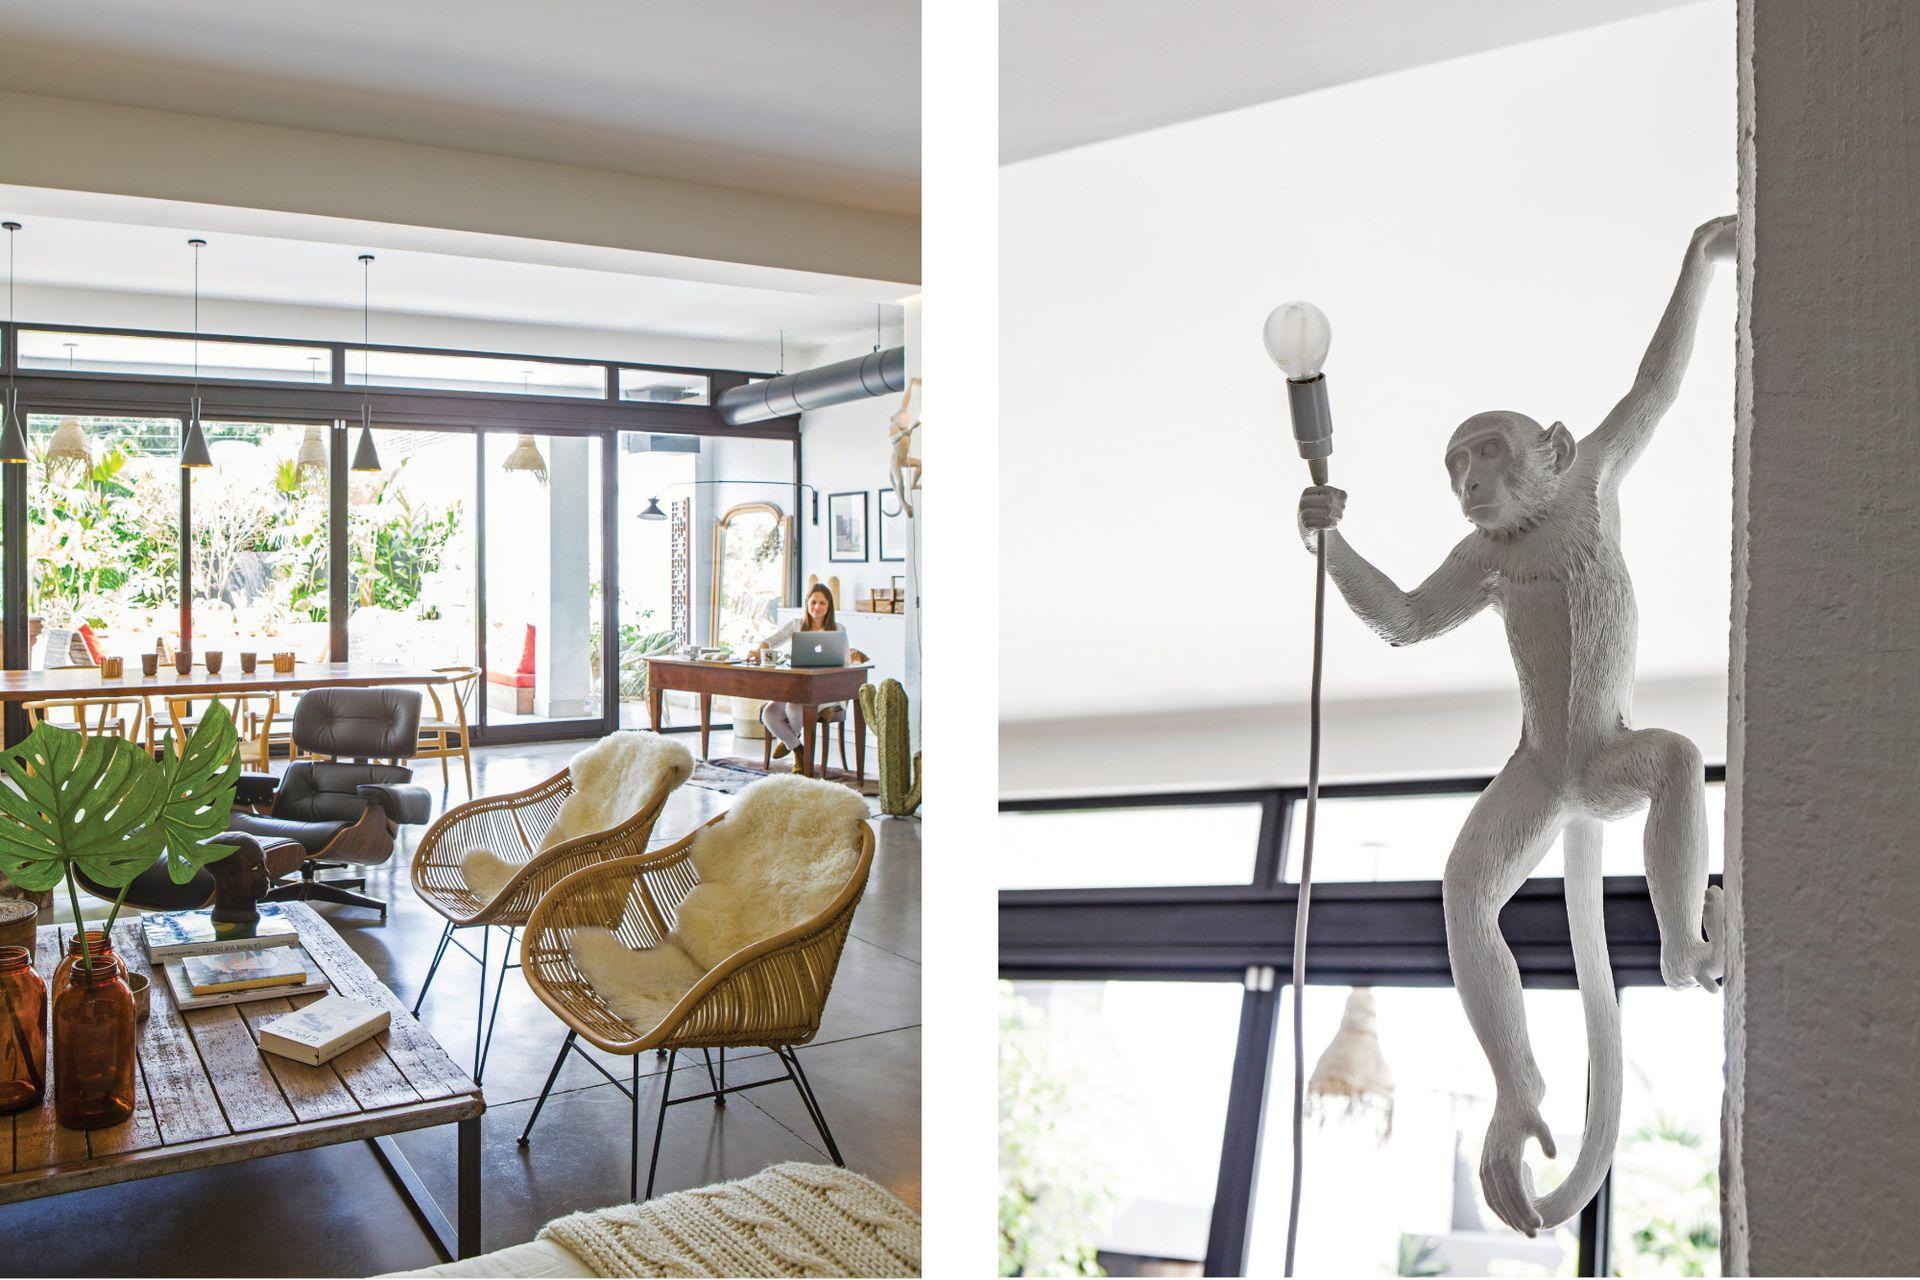 La vista desde el living con dos banquetas de mimbre y hierro y poltrona 'Eames' (Eames Office). A la derecha, lámpara led 'Monkey' en resina (Seletti, Italia).